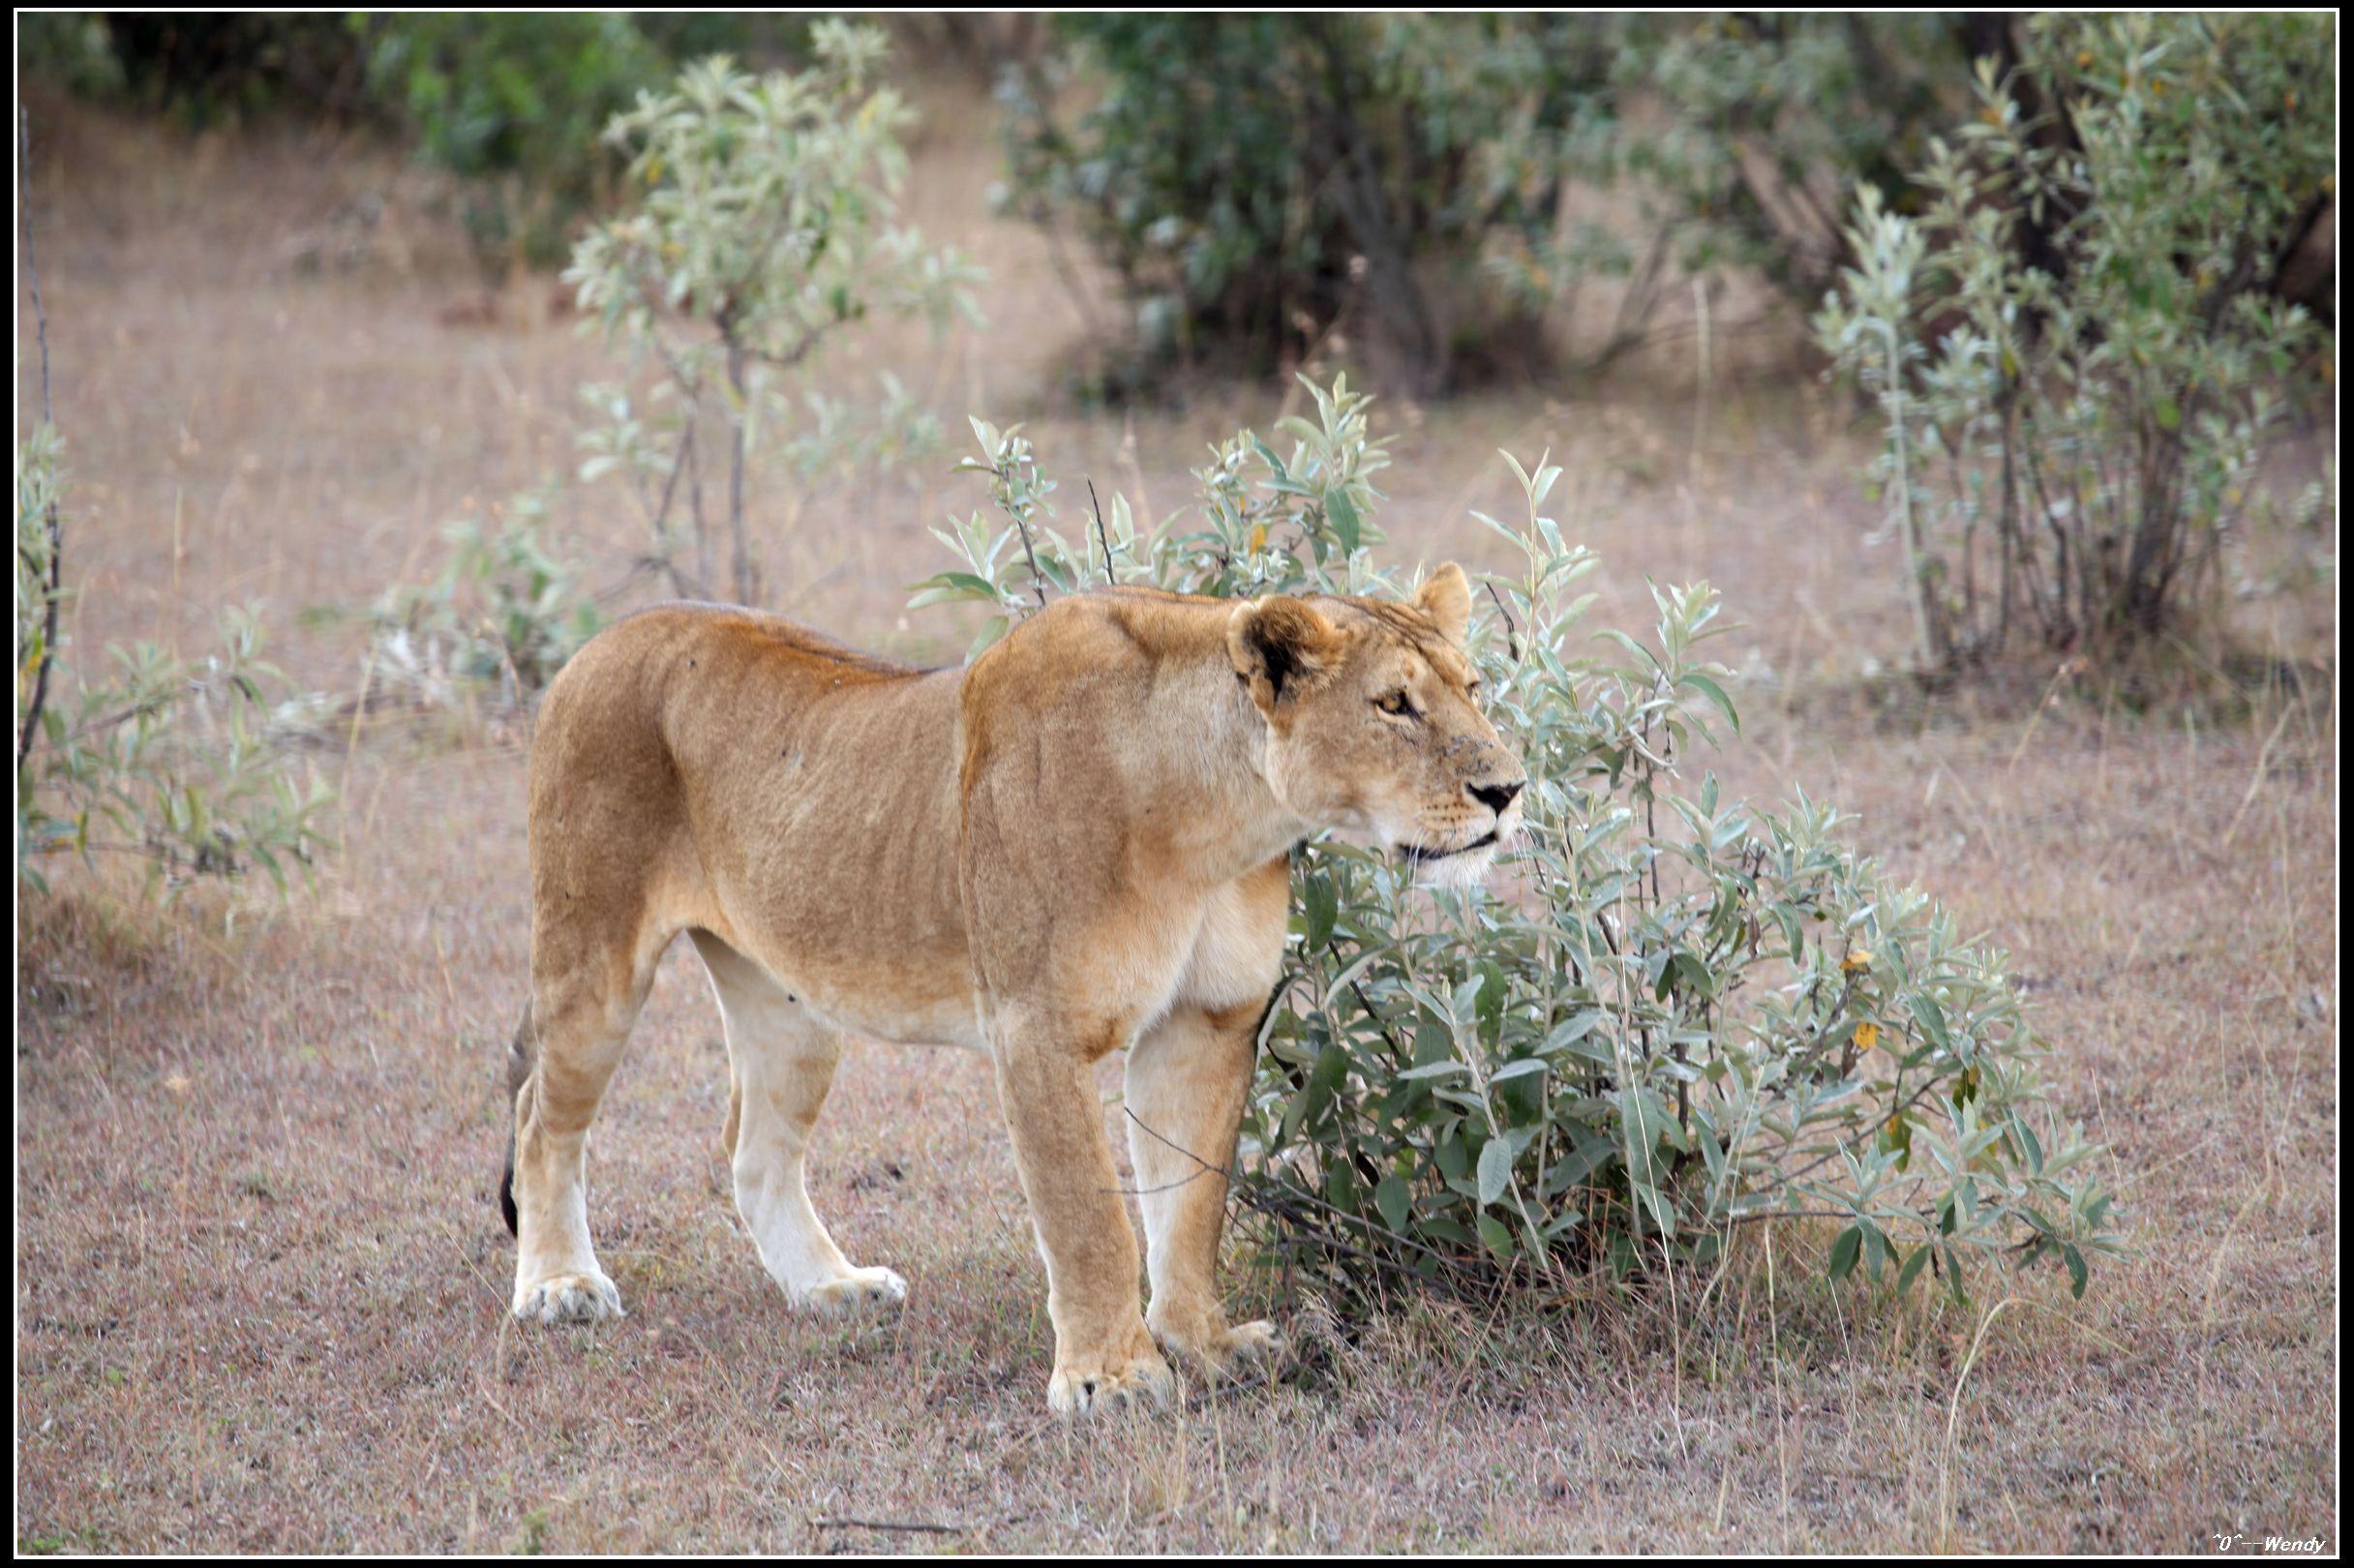 东非:超级肯尼亚,走进动物世界 - 马赛马拉国家公园